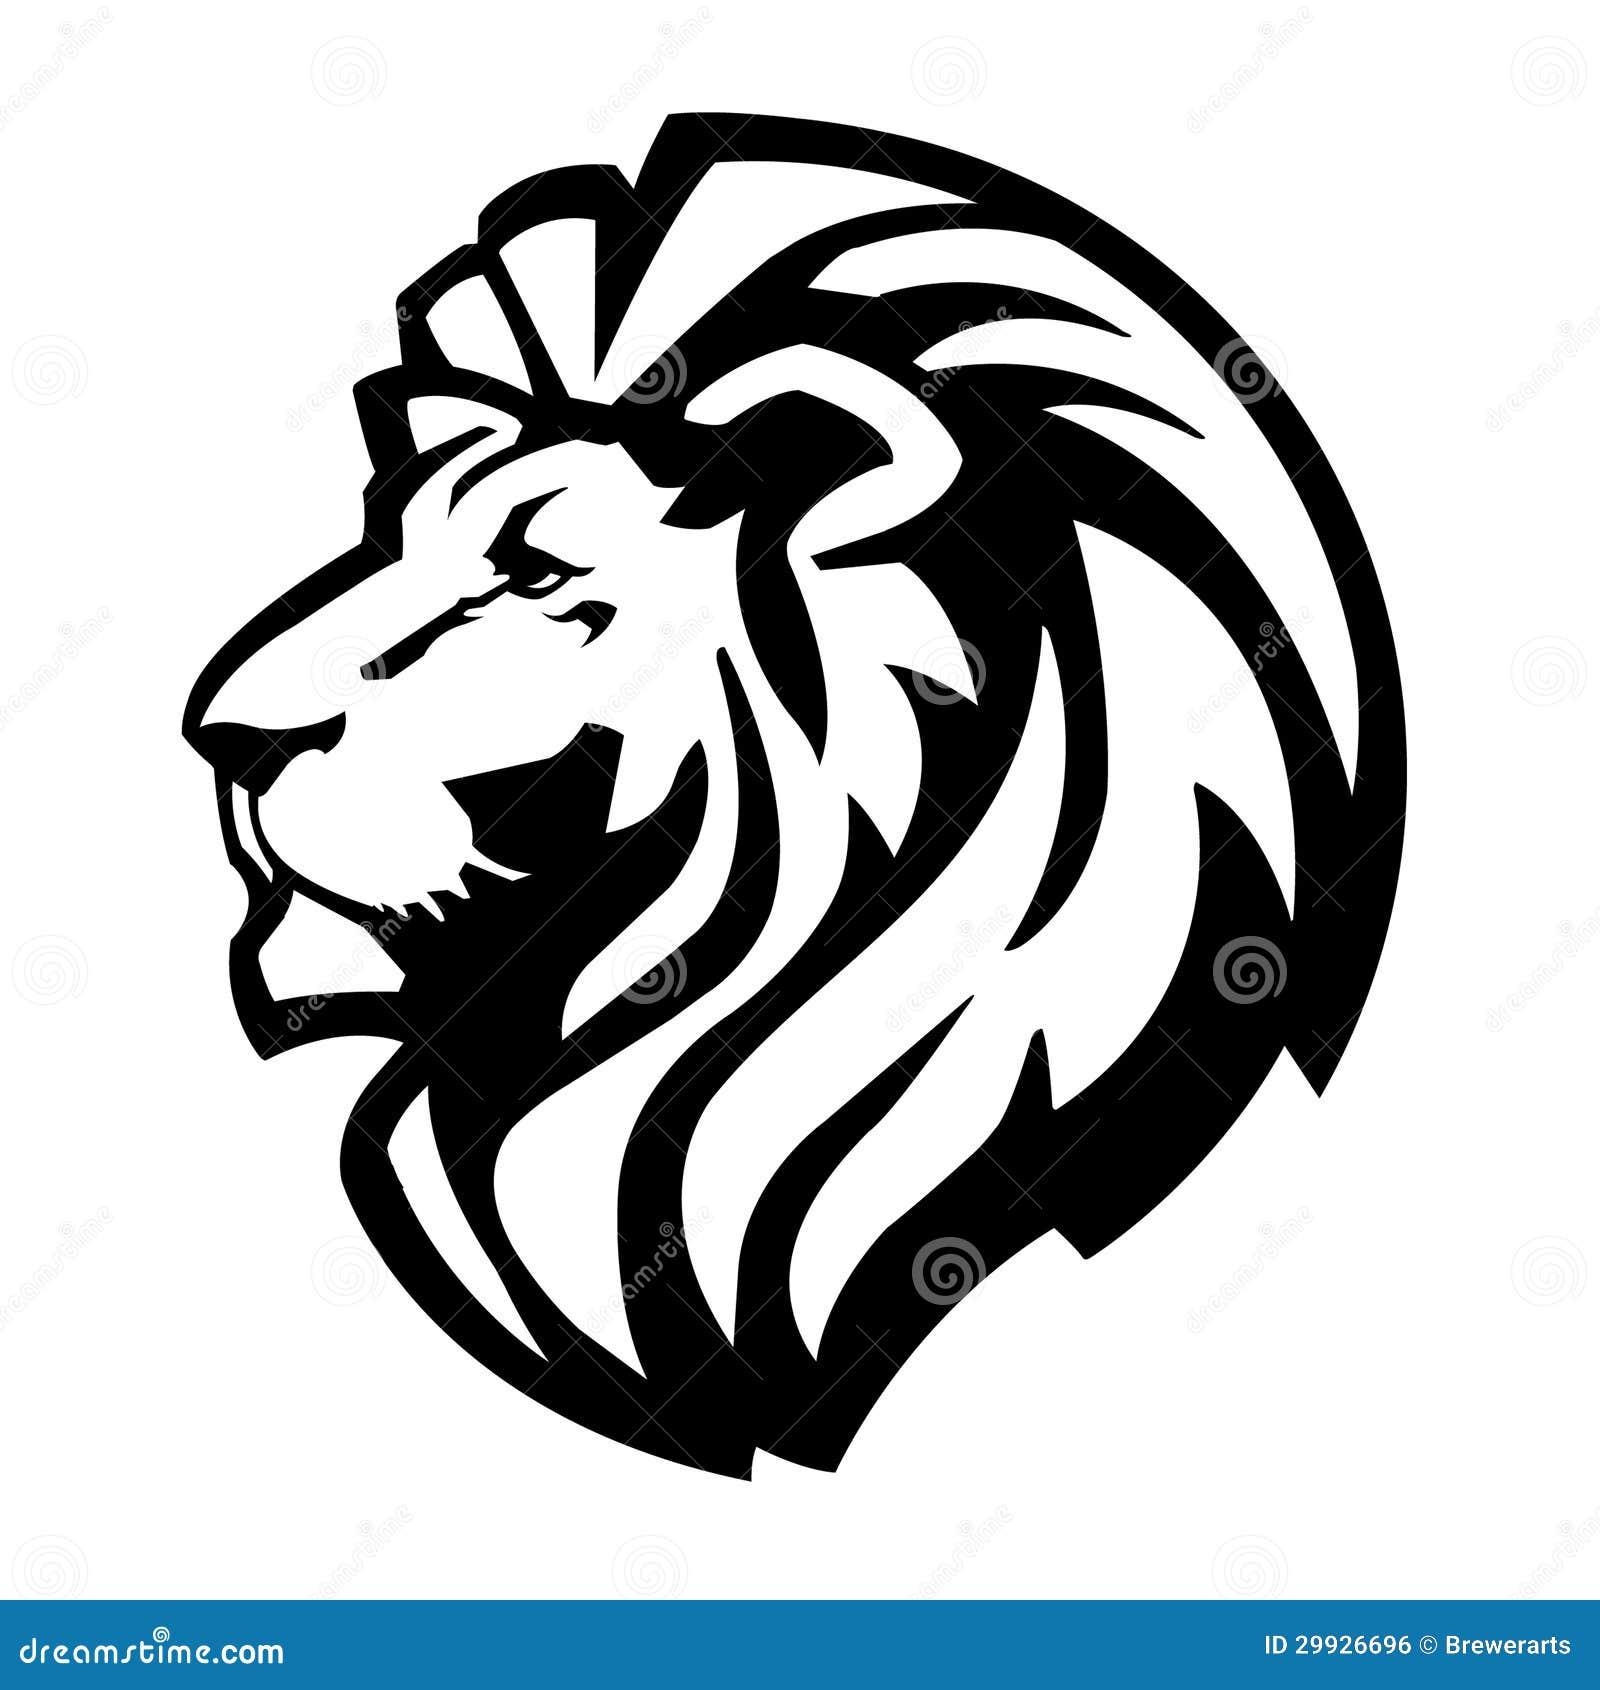 Simple lion head clipart - photo#19